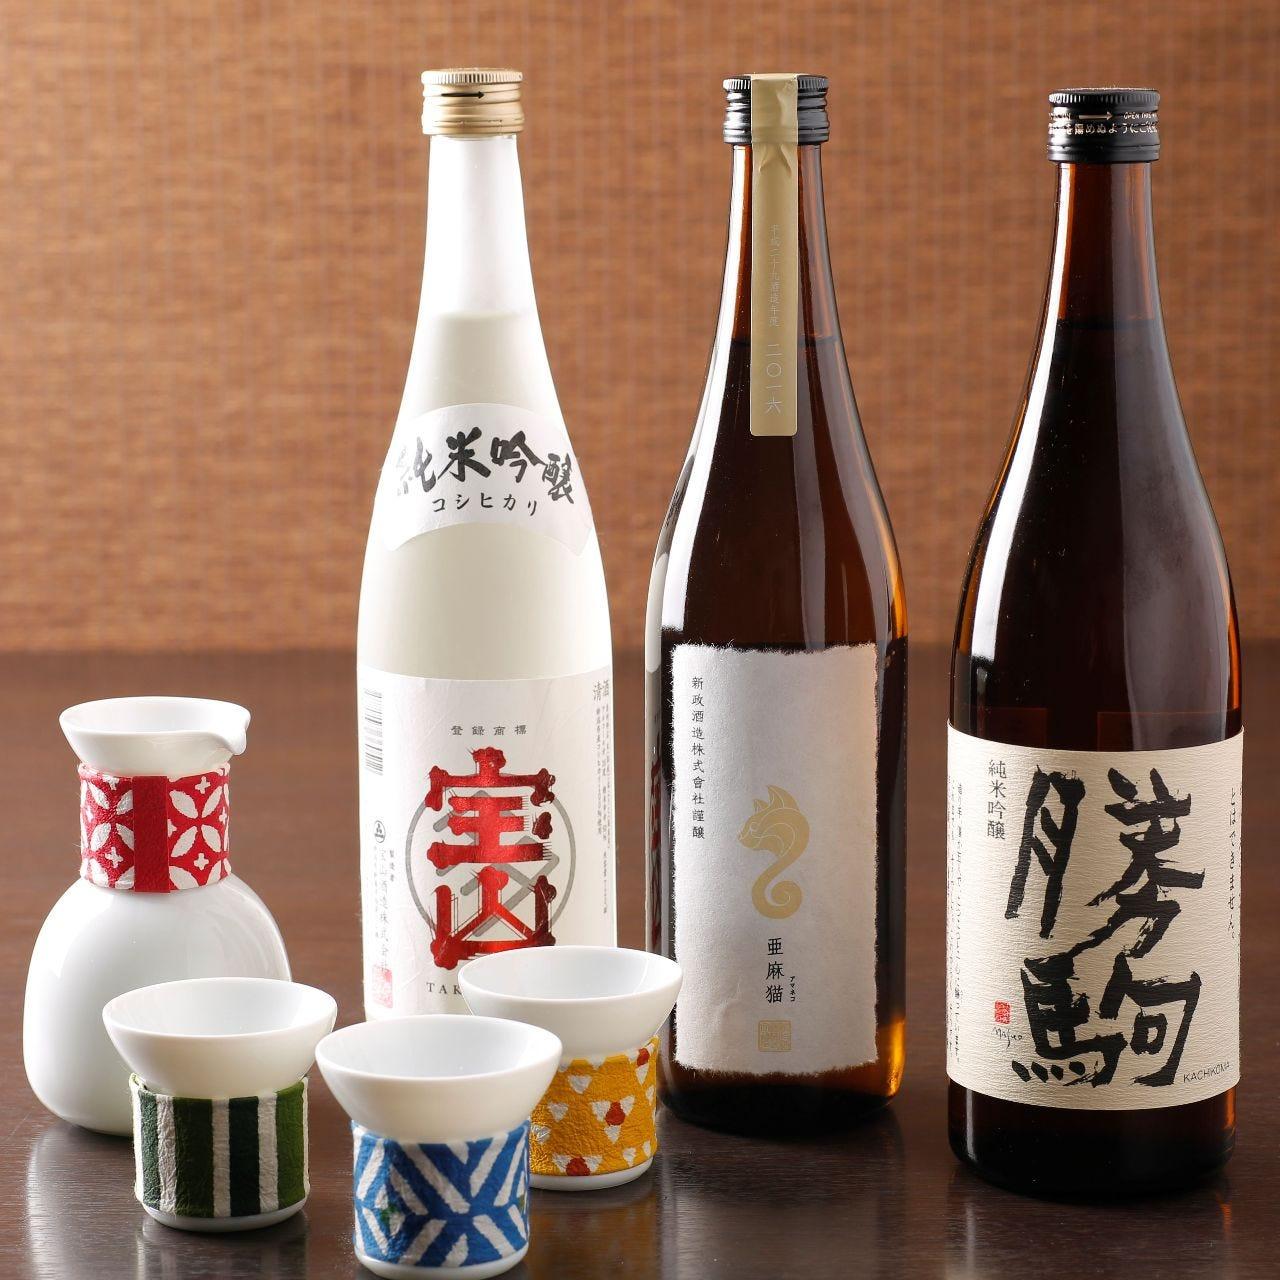 神田御茶ノ水で美味しい日本酒を 新しい日本酒との出会いを